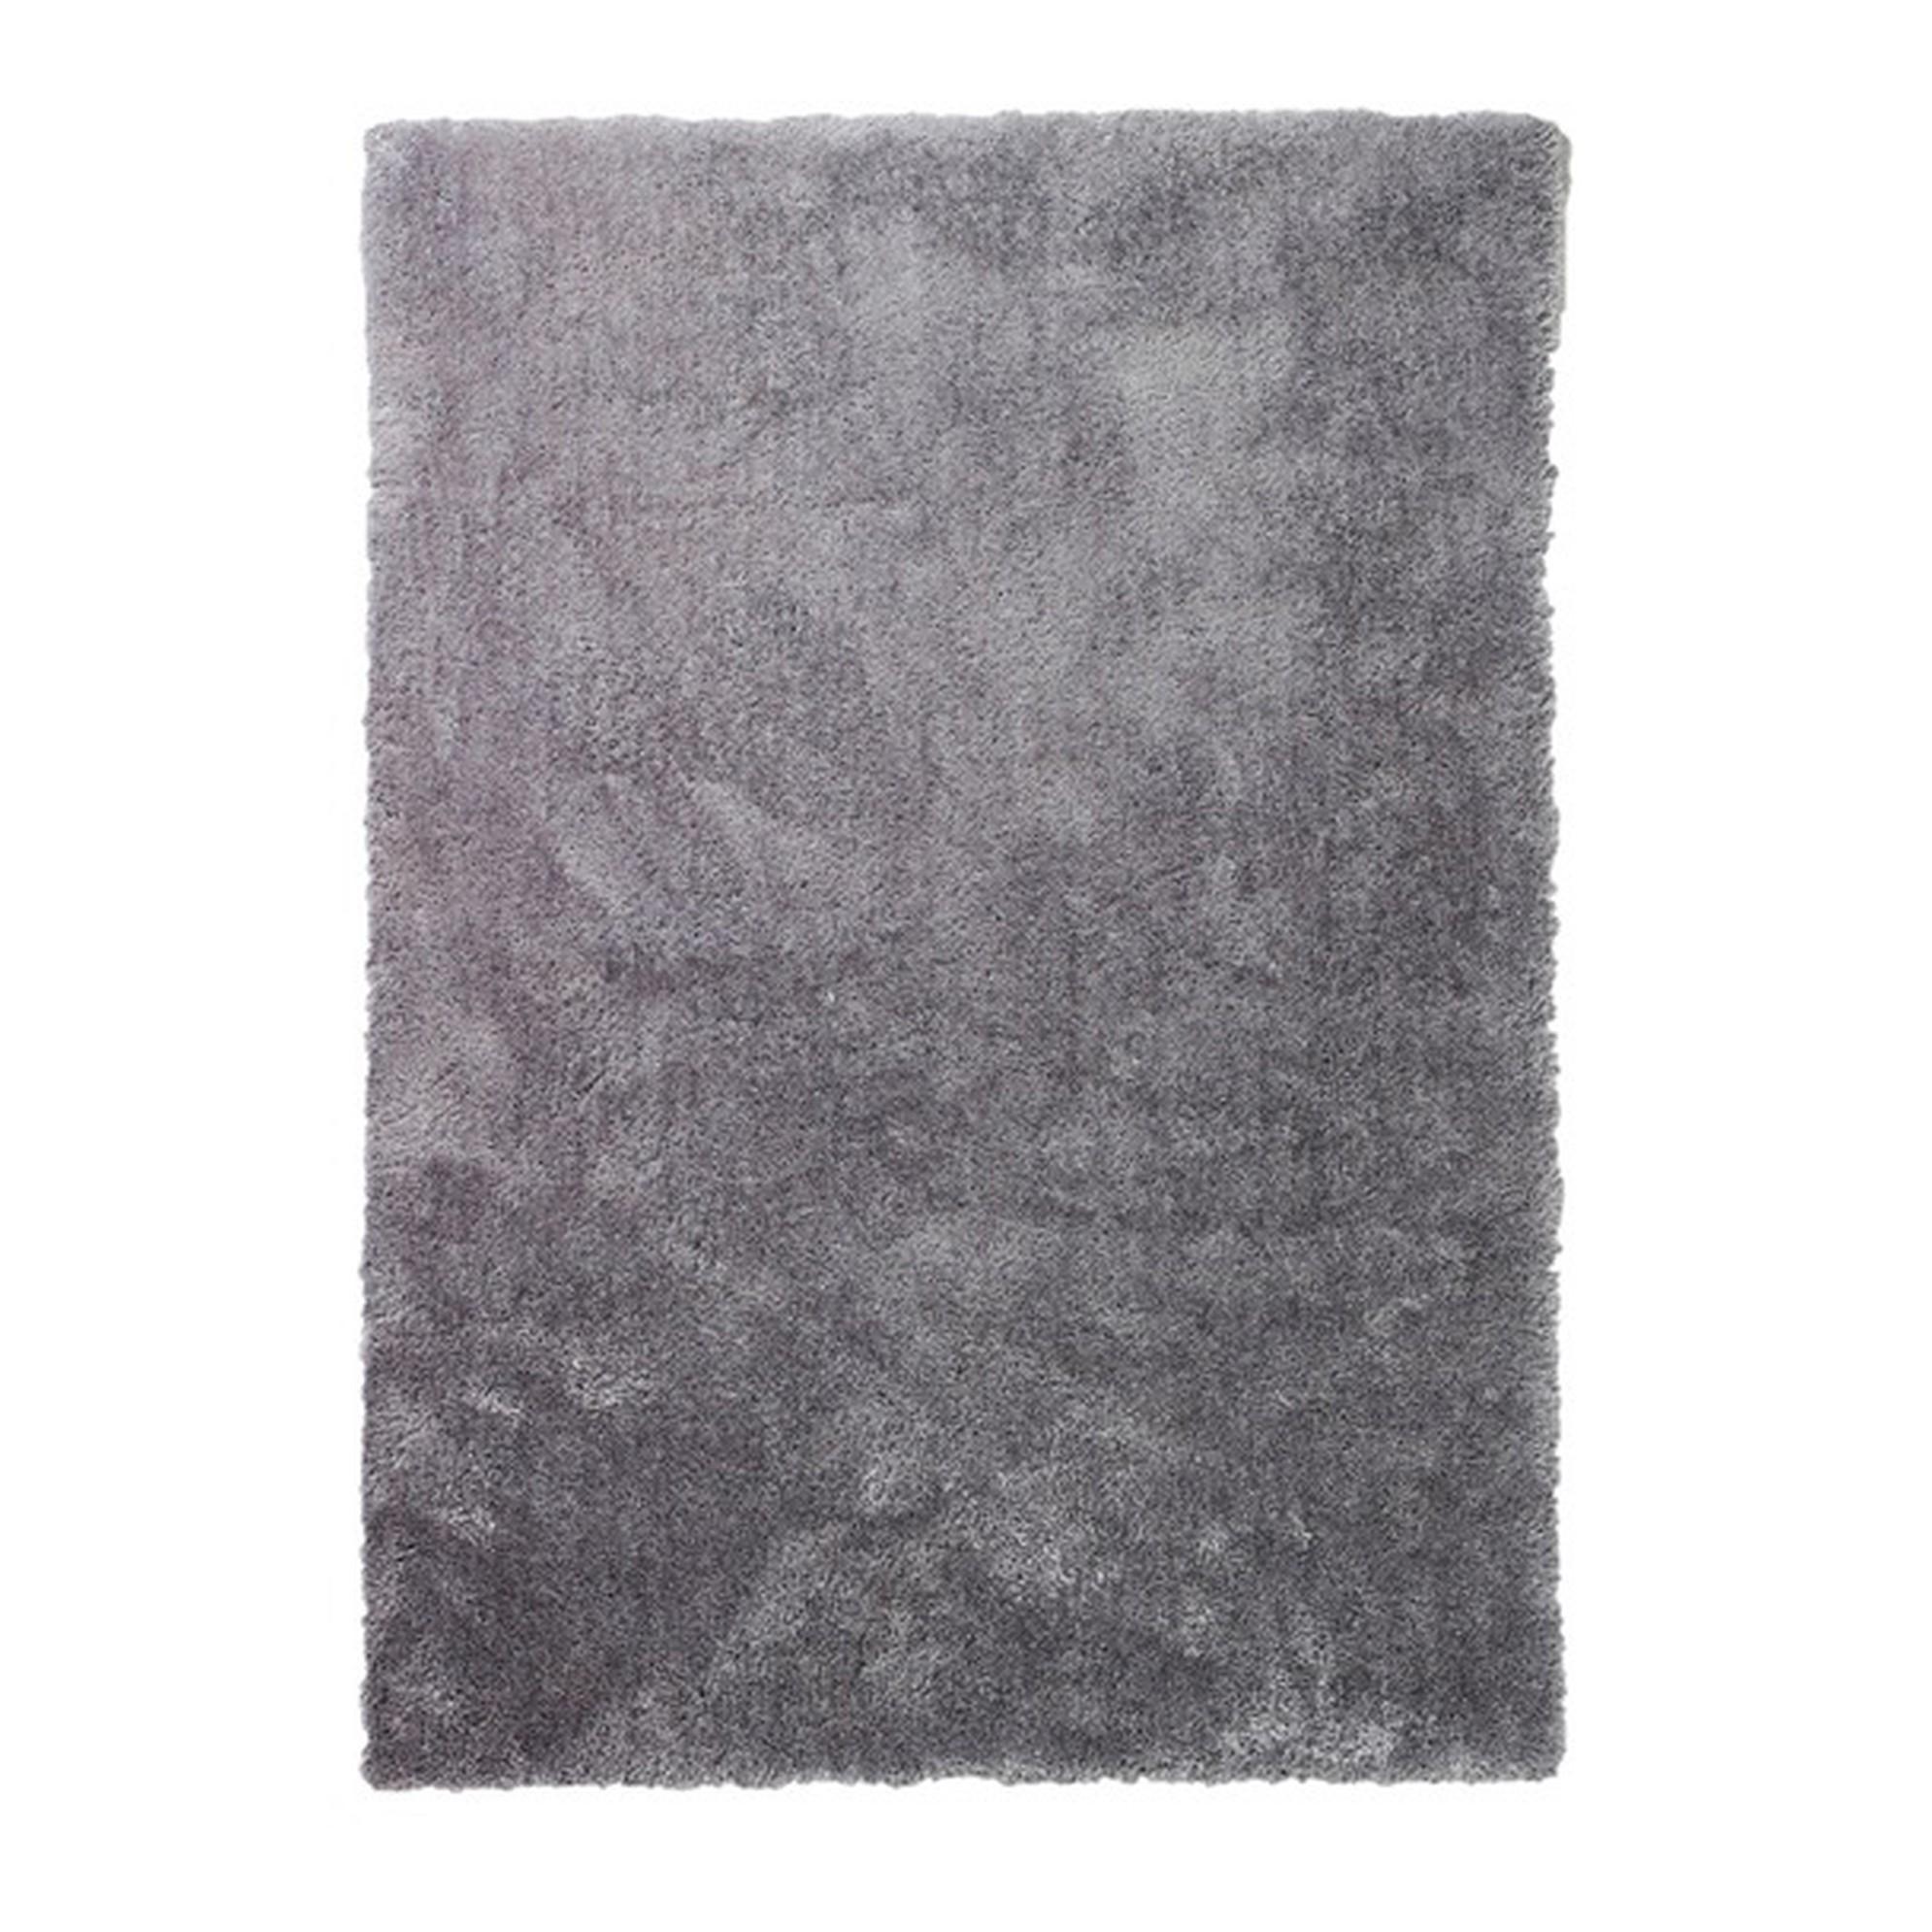 Tapijt Concrete - grijs - 200x300cm, Colourcourage